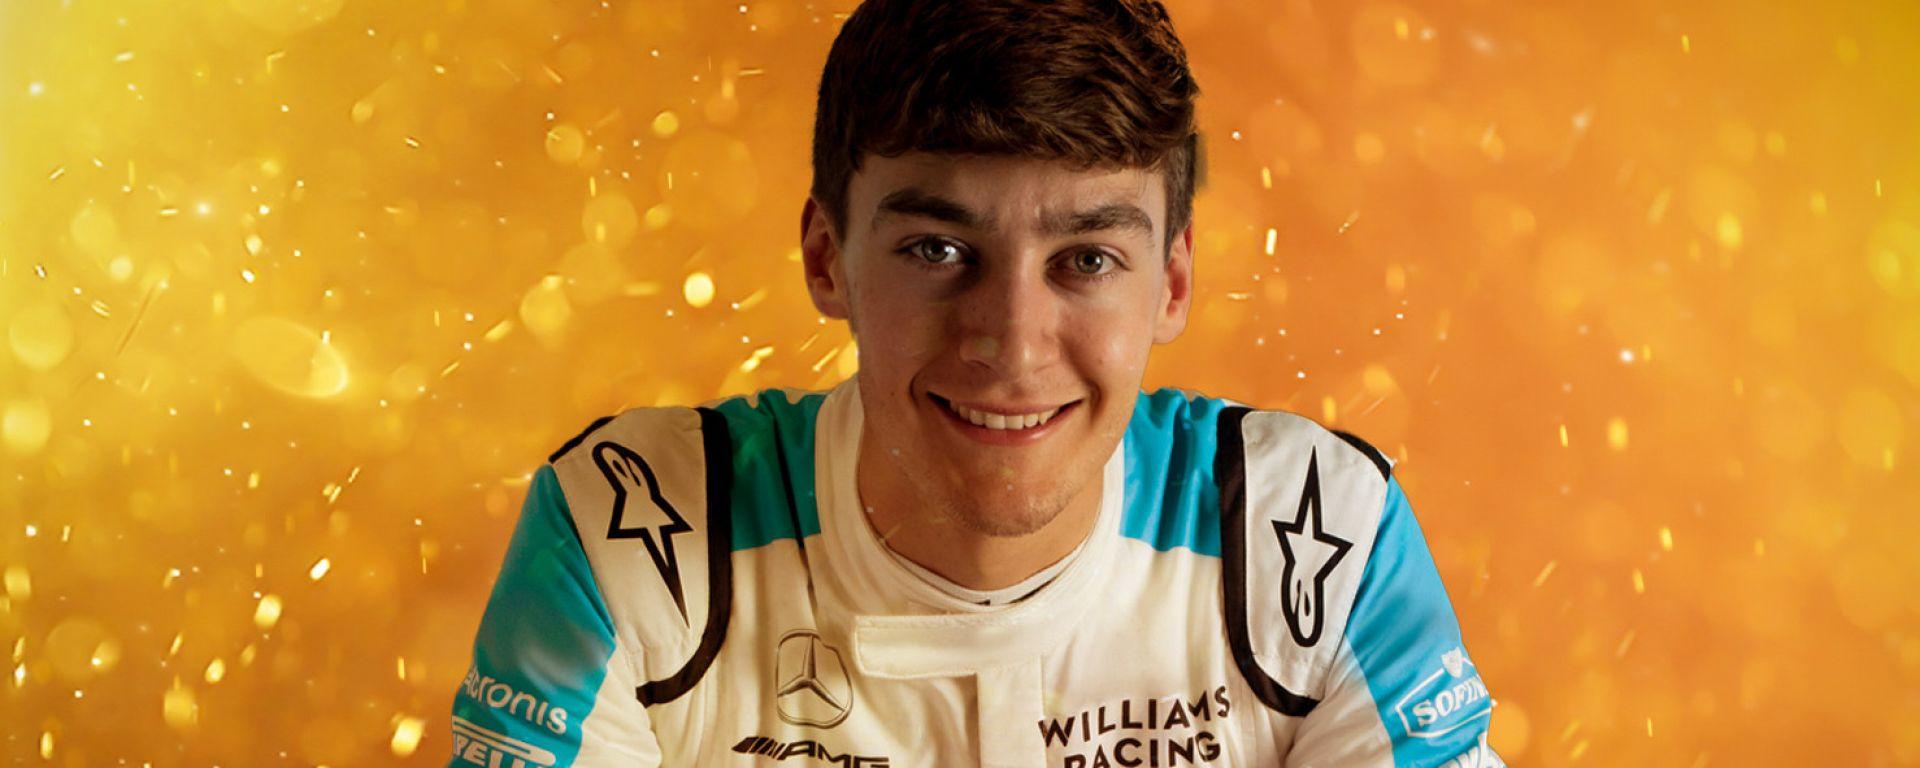 George Russell è campione della Formula 1 virtuale 2020